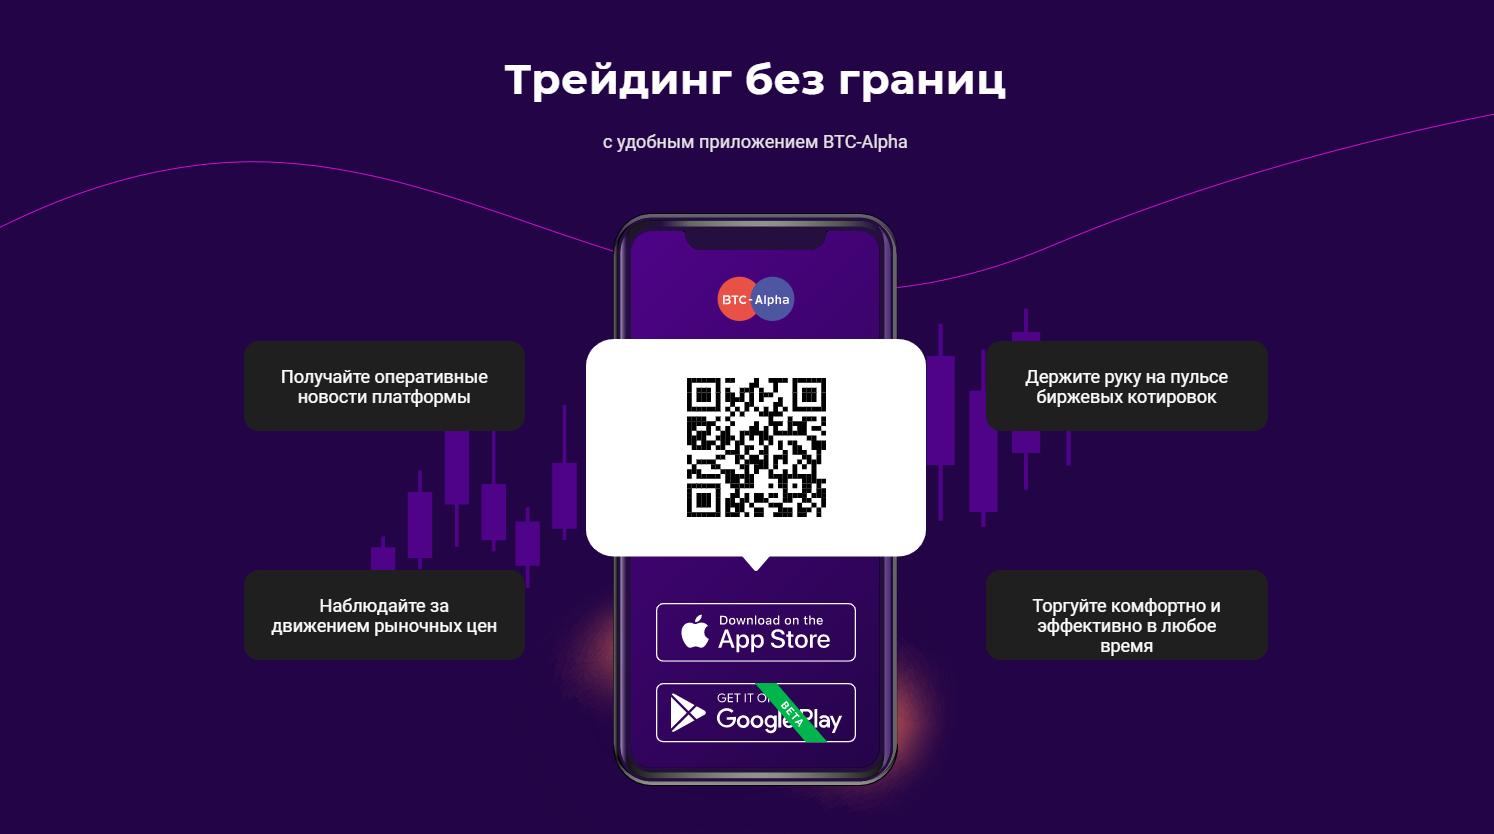 Мобильное приложение BTC-Alpha